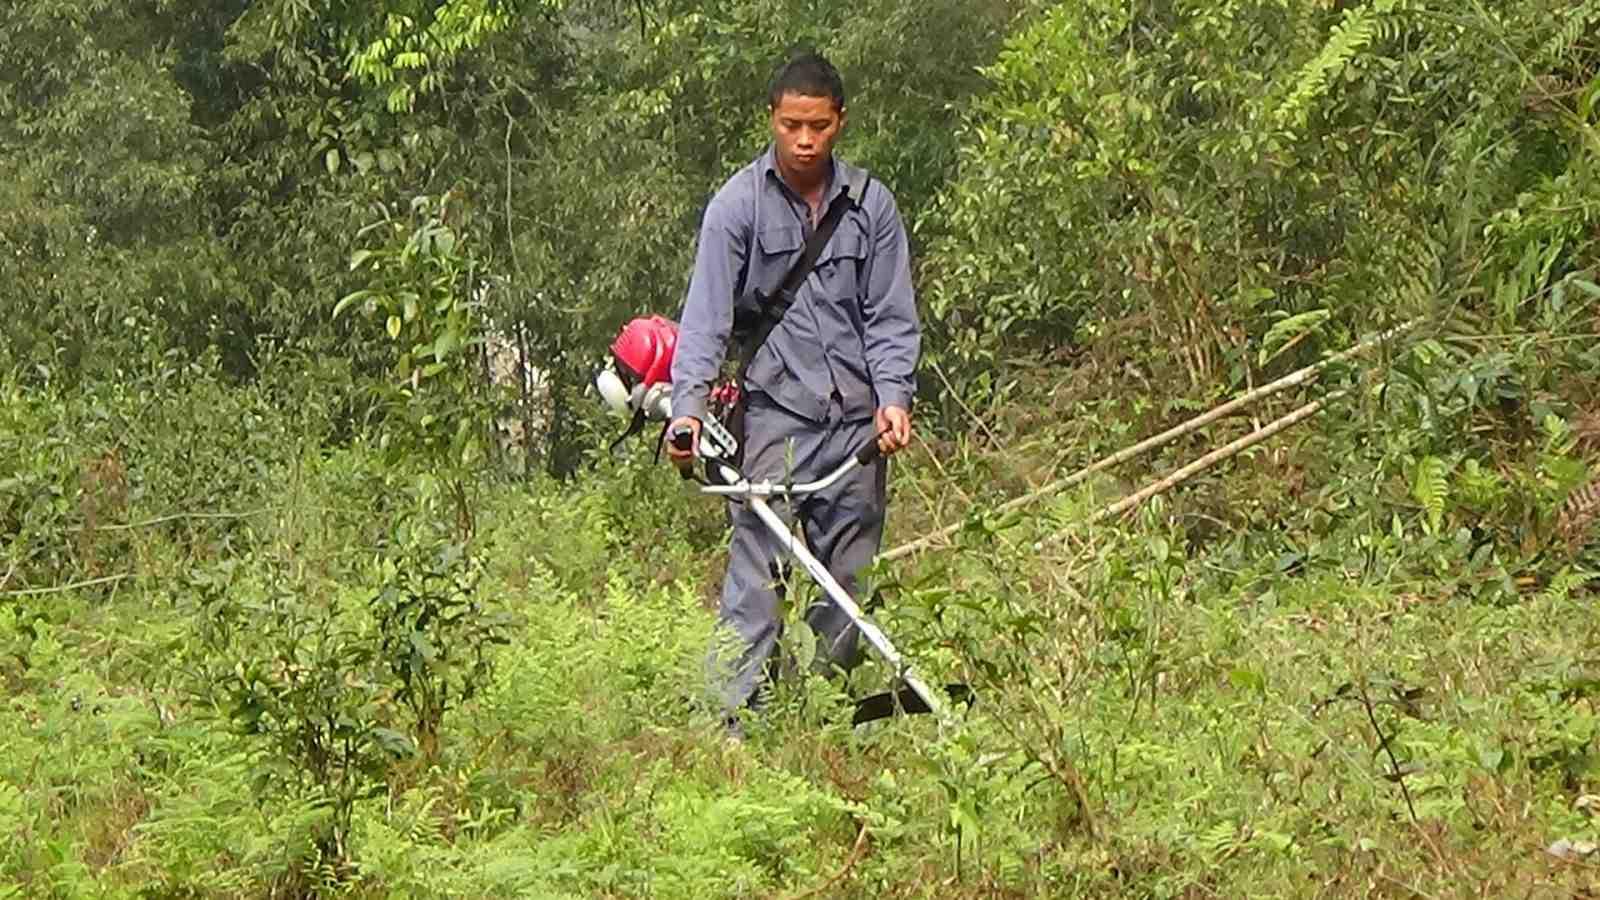 Phát triển bền vững vùng Tả Phìn Hồ từ những người thầm lặng